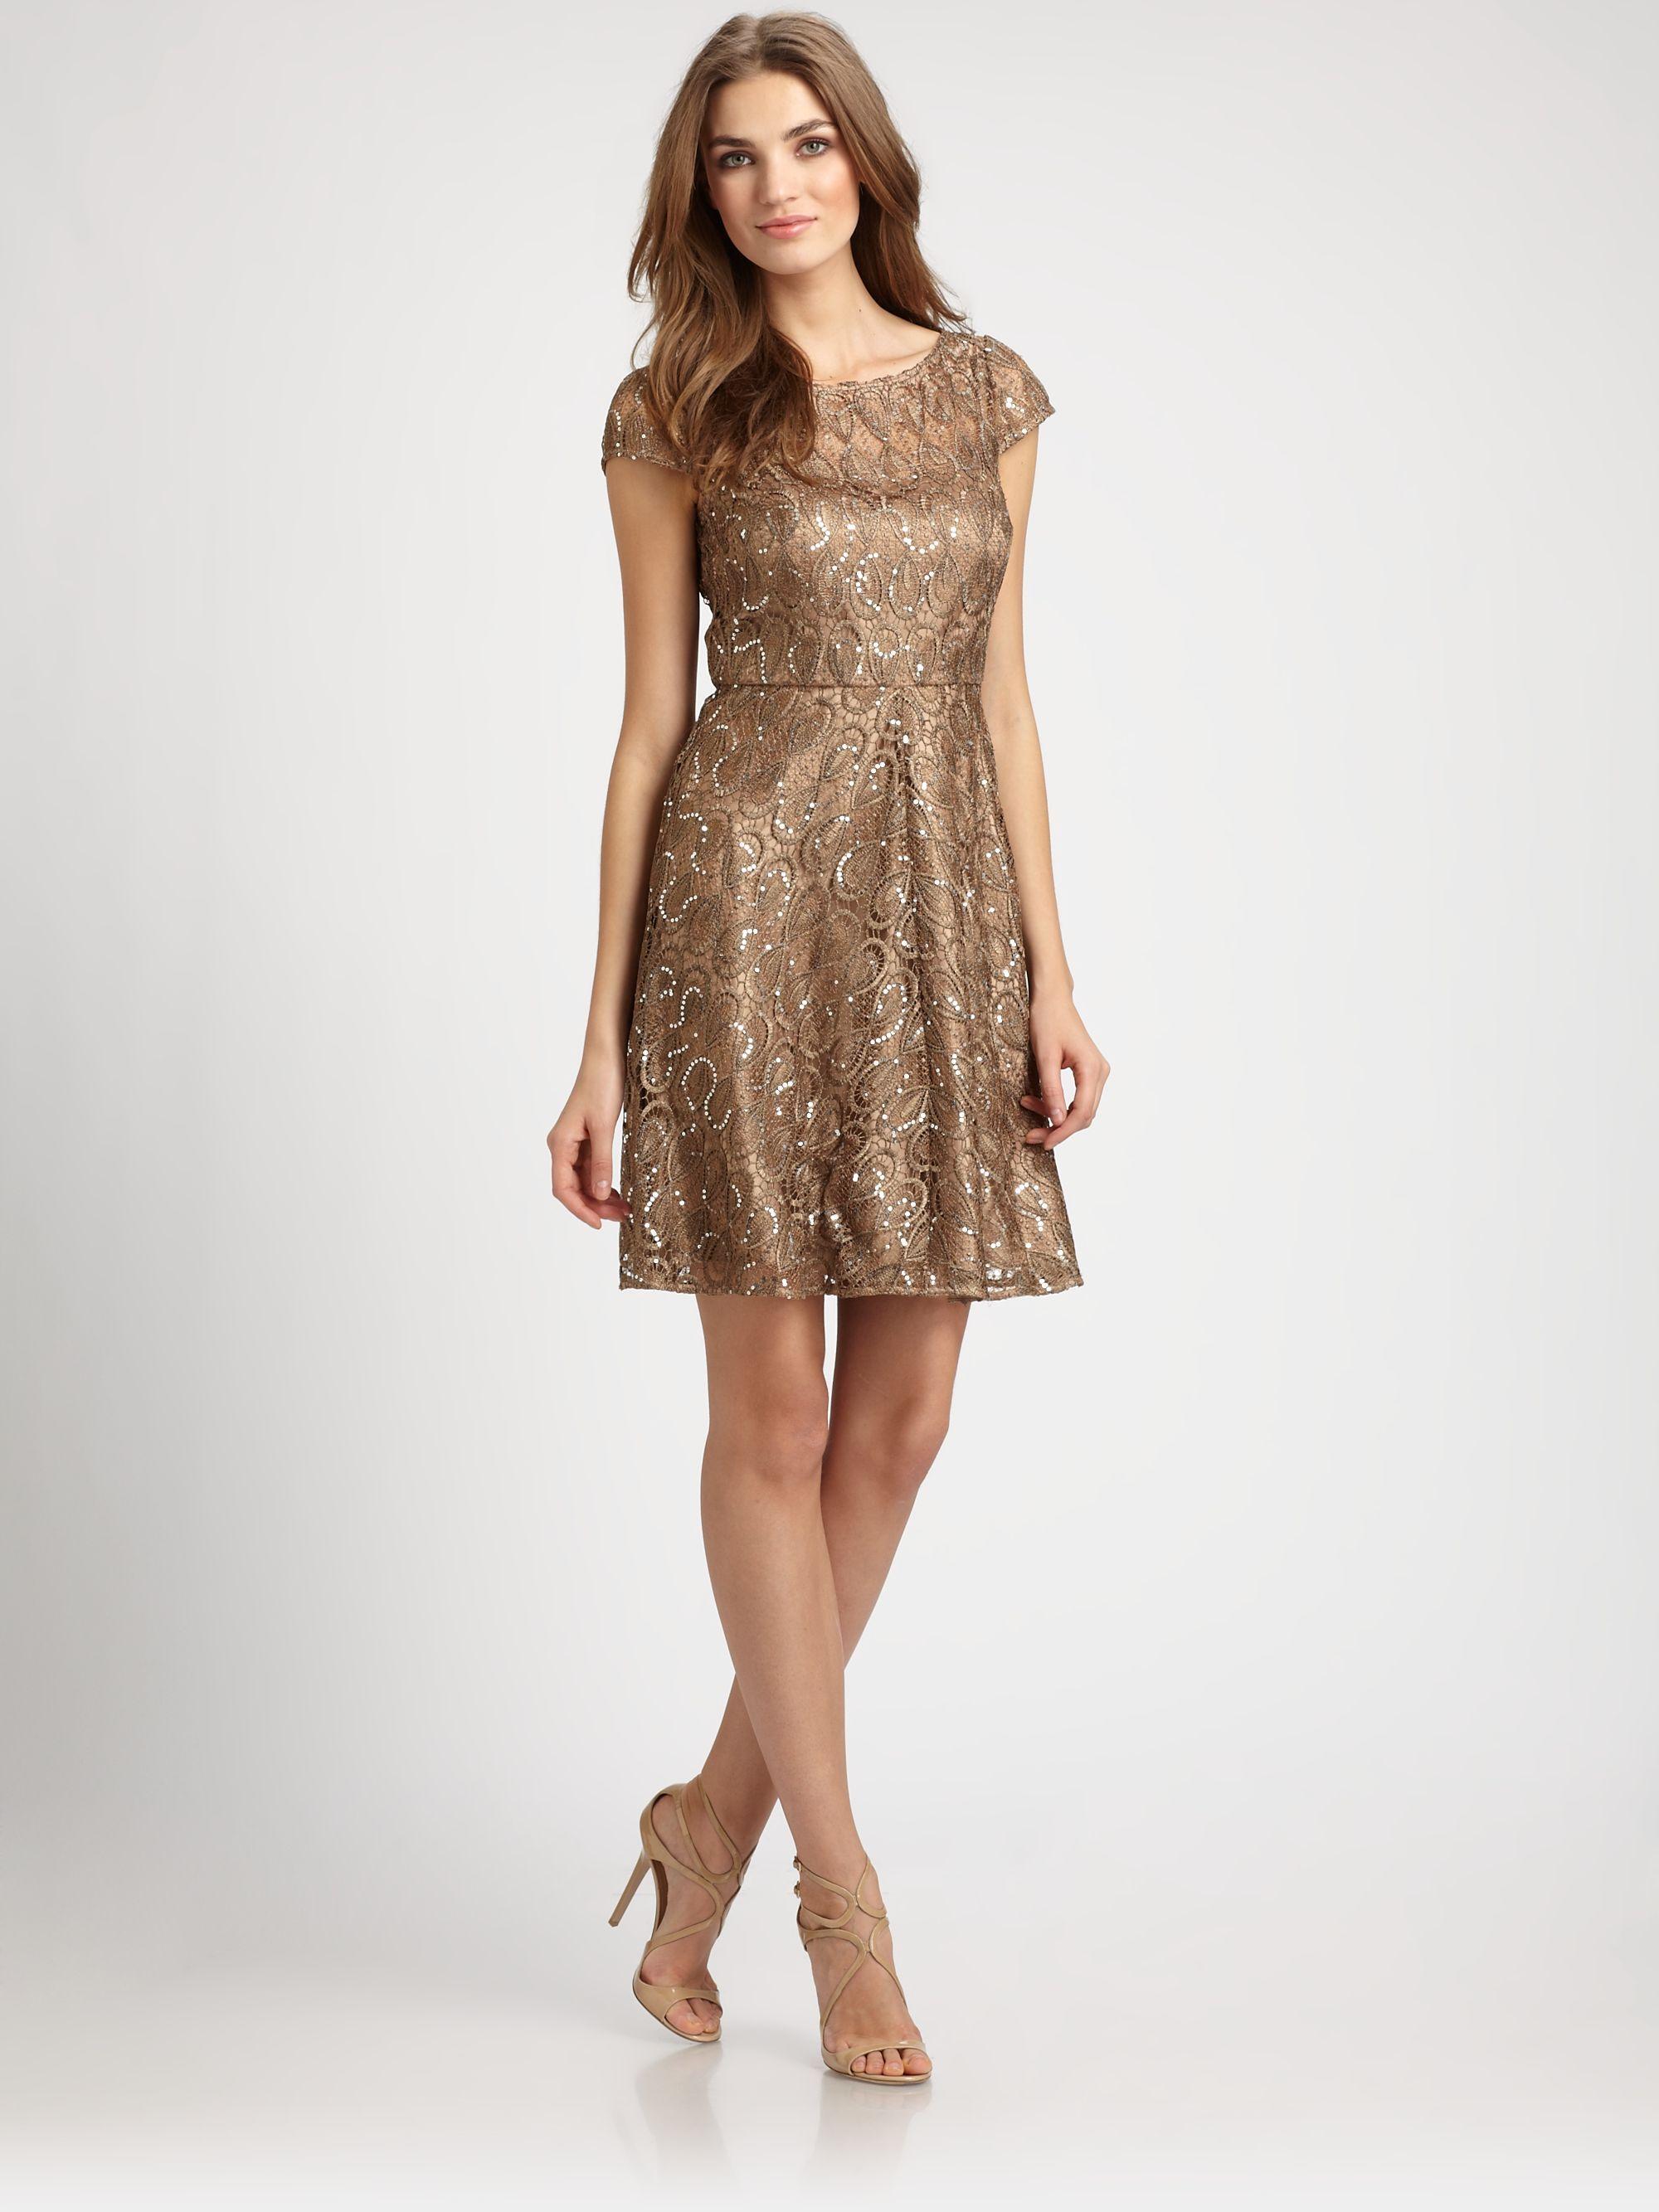 Nett Bronze Prom Kleid Galerie - Hochzeit Kleid Stile Ideen ...